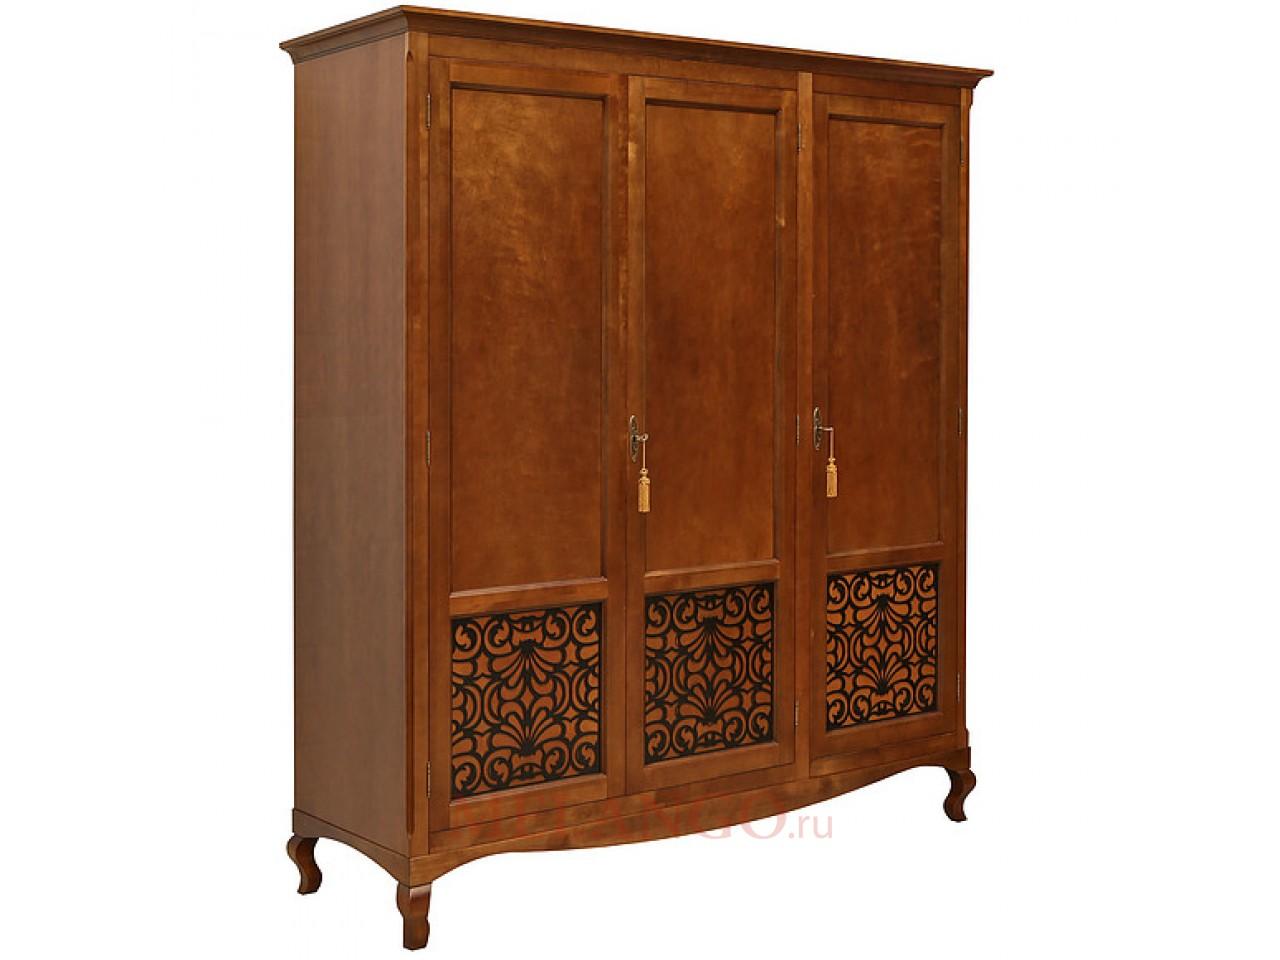 Трехстворчатый шкаф Видана для спальни «Видана Люкс» П445.01 (коньяк)